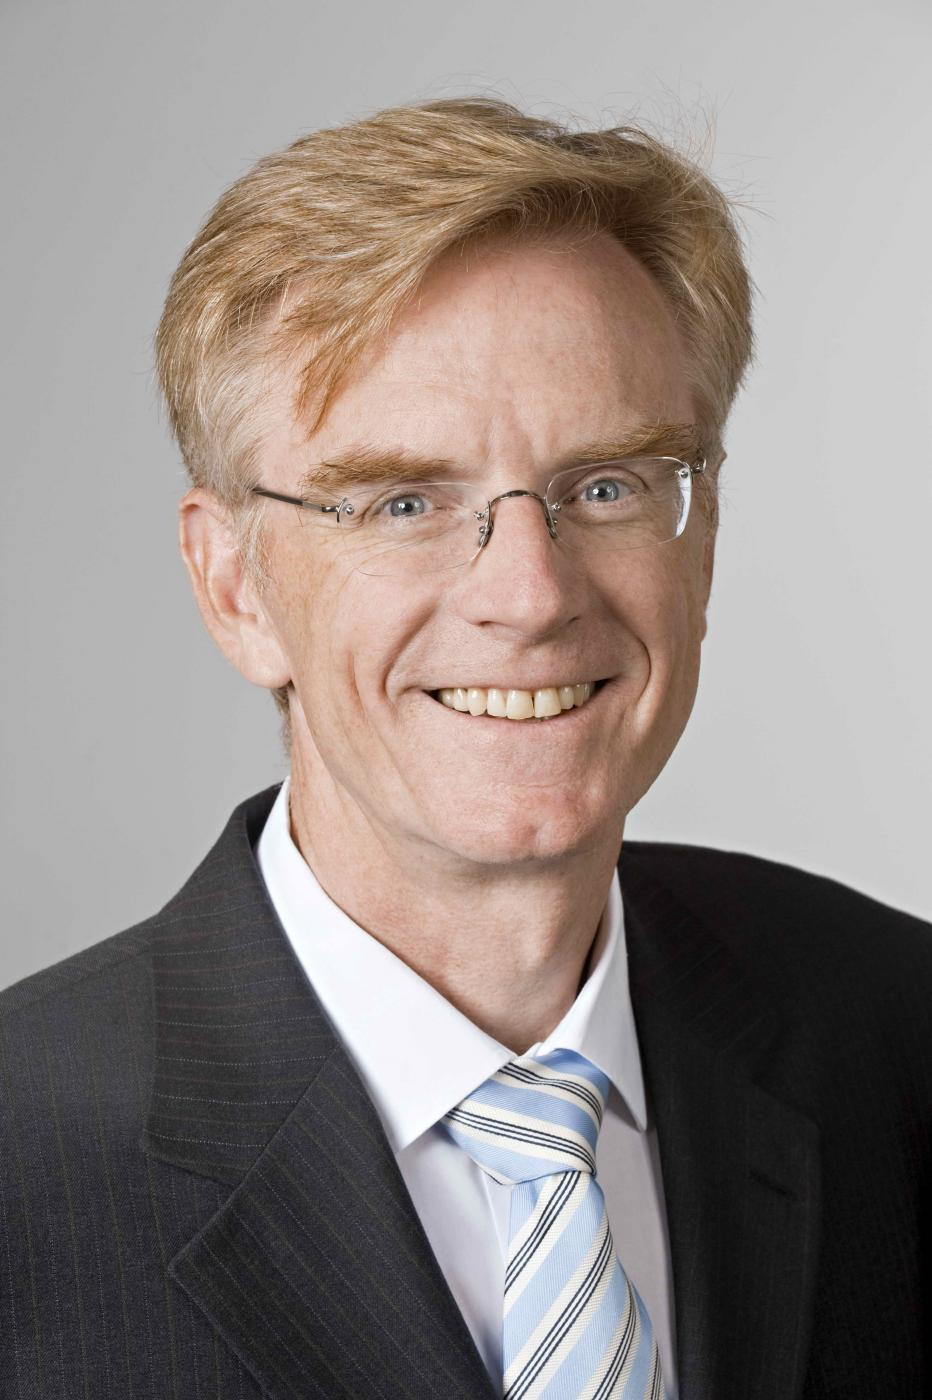 Andreas Herkersdorf, TU München, DE